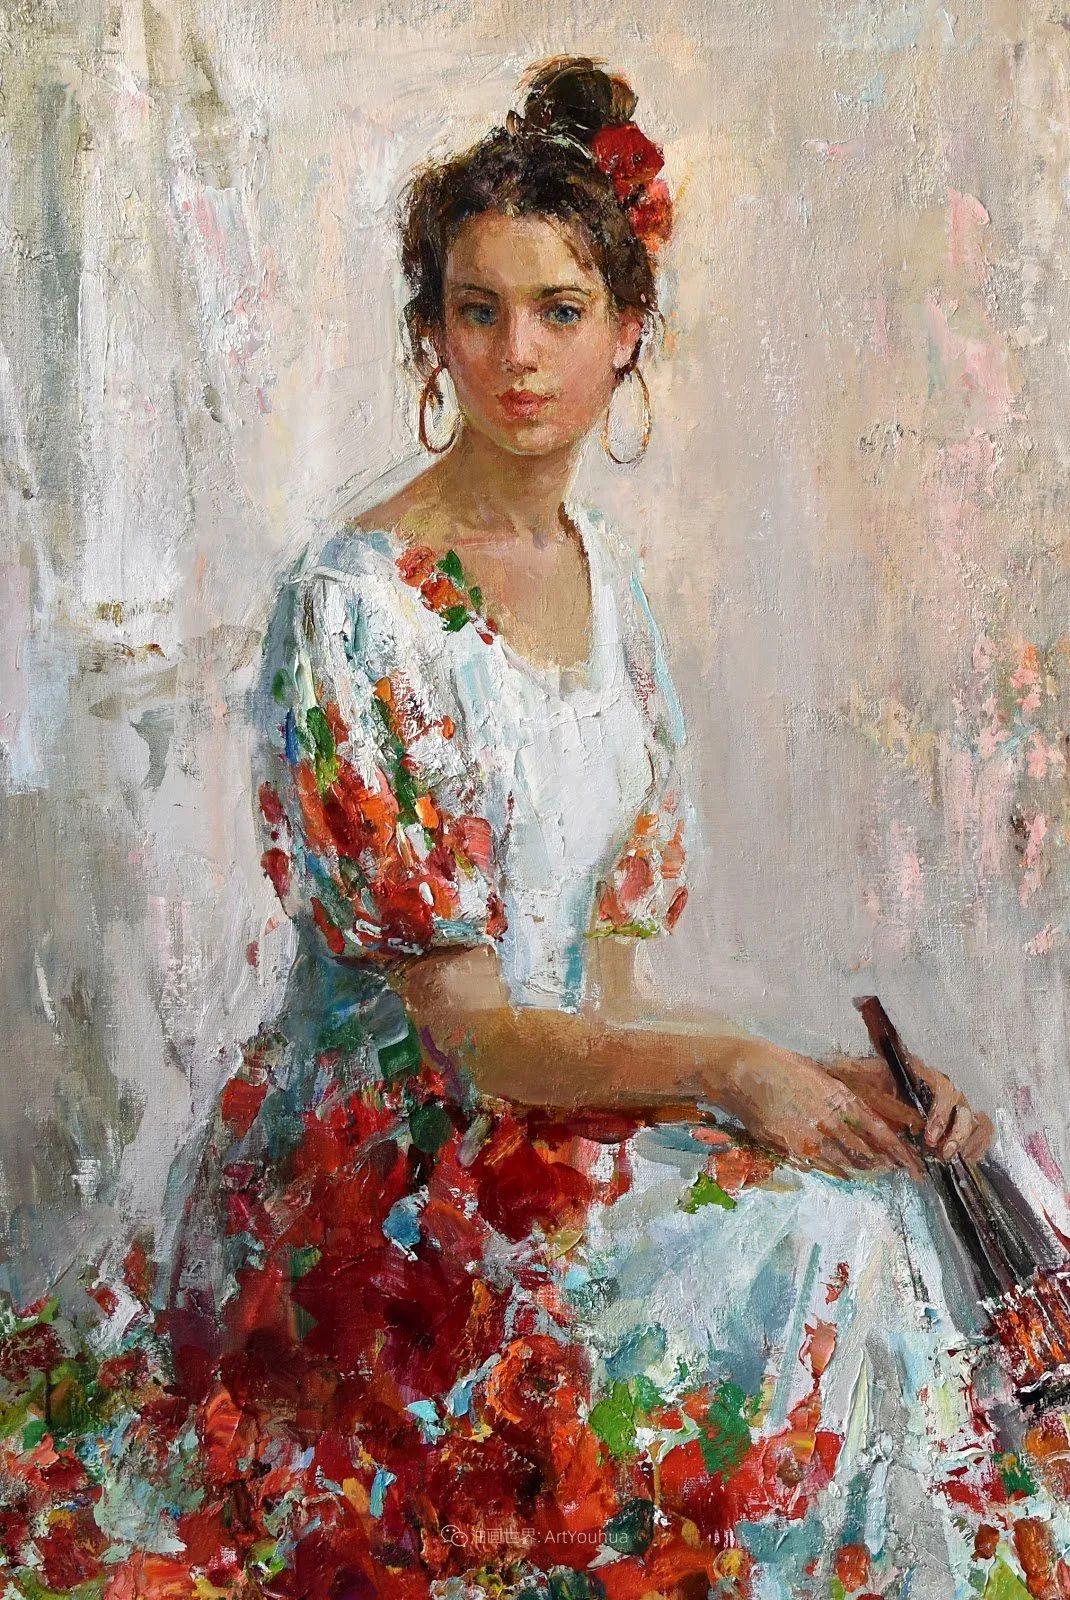 超美的具象油画色彩,俄罗斯青年女画家Anastasiya Matveeva插图7